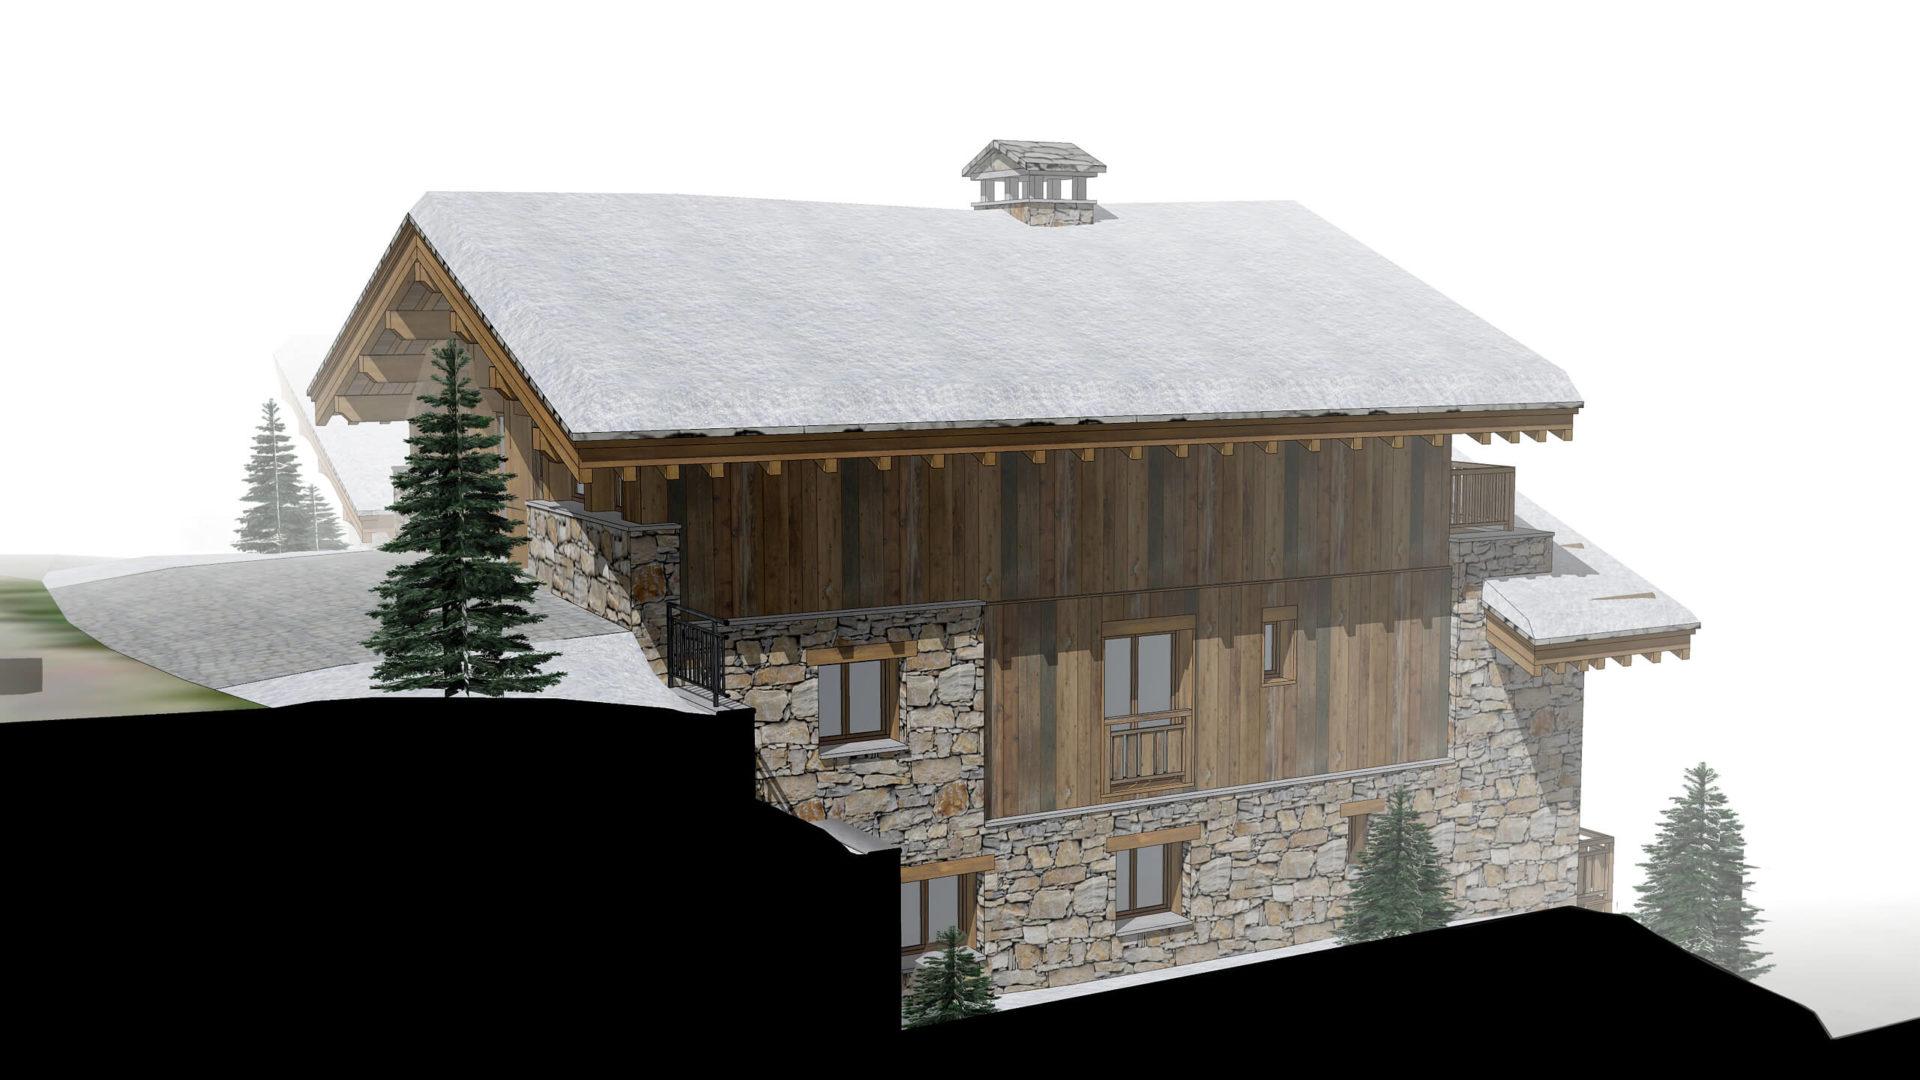 Les Chalets de la Combe Chalet 2 - Saint Martin de Belleville Savoie France